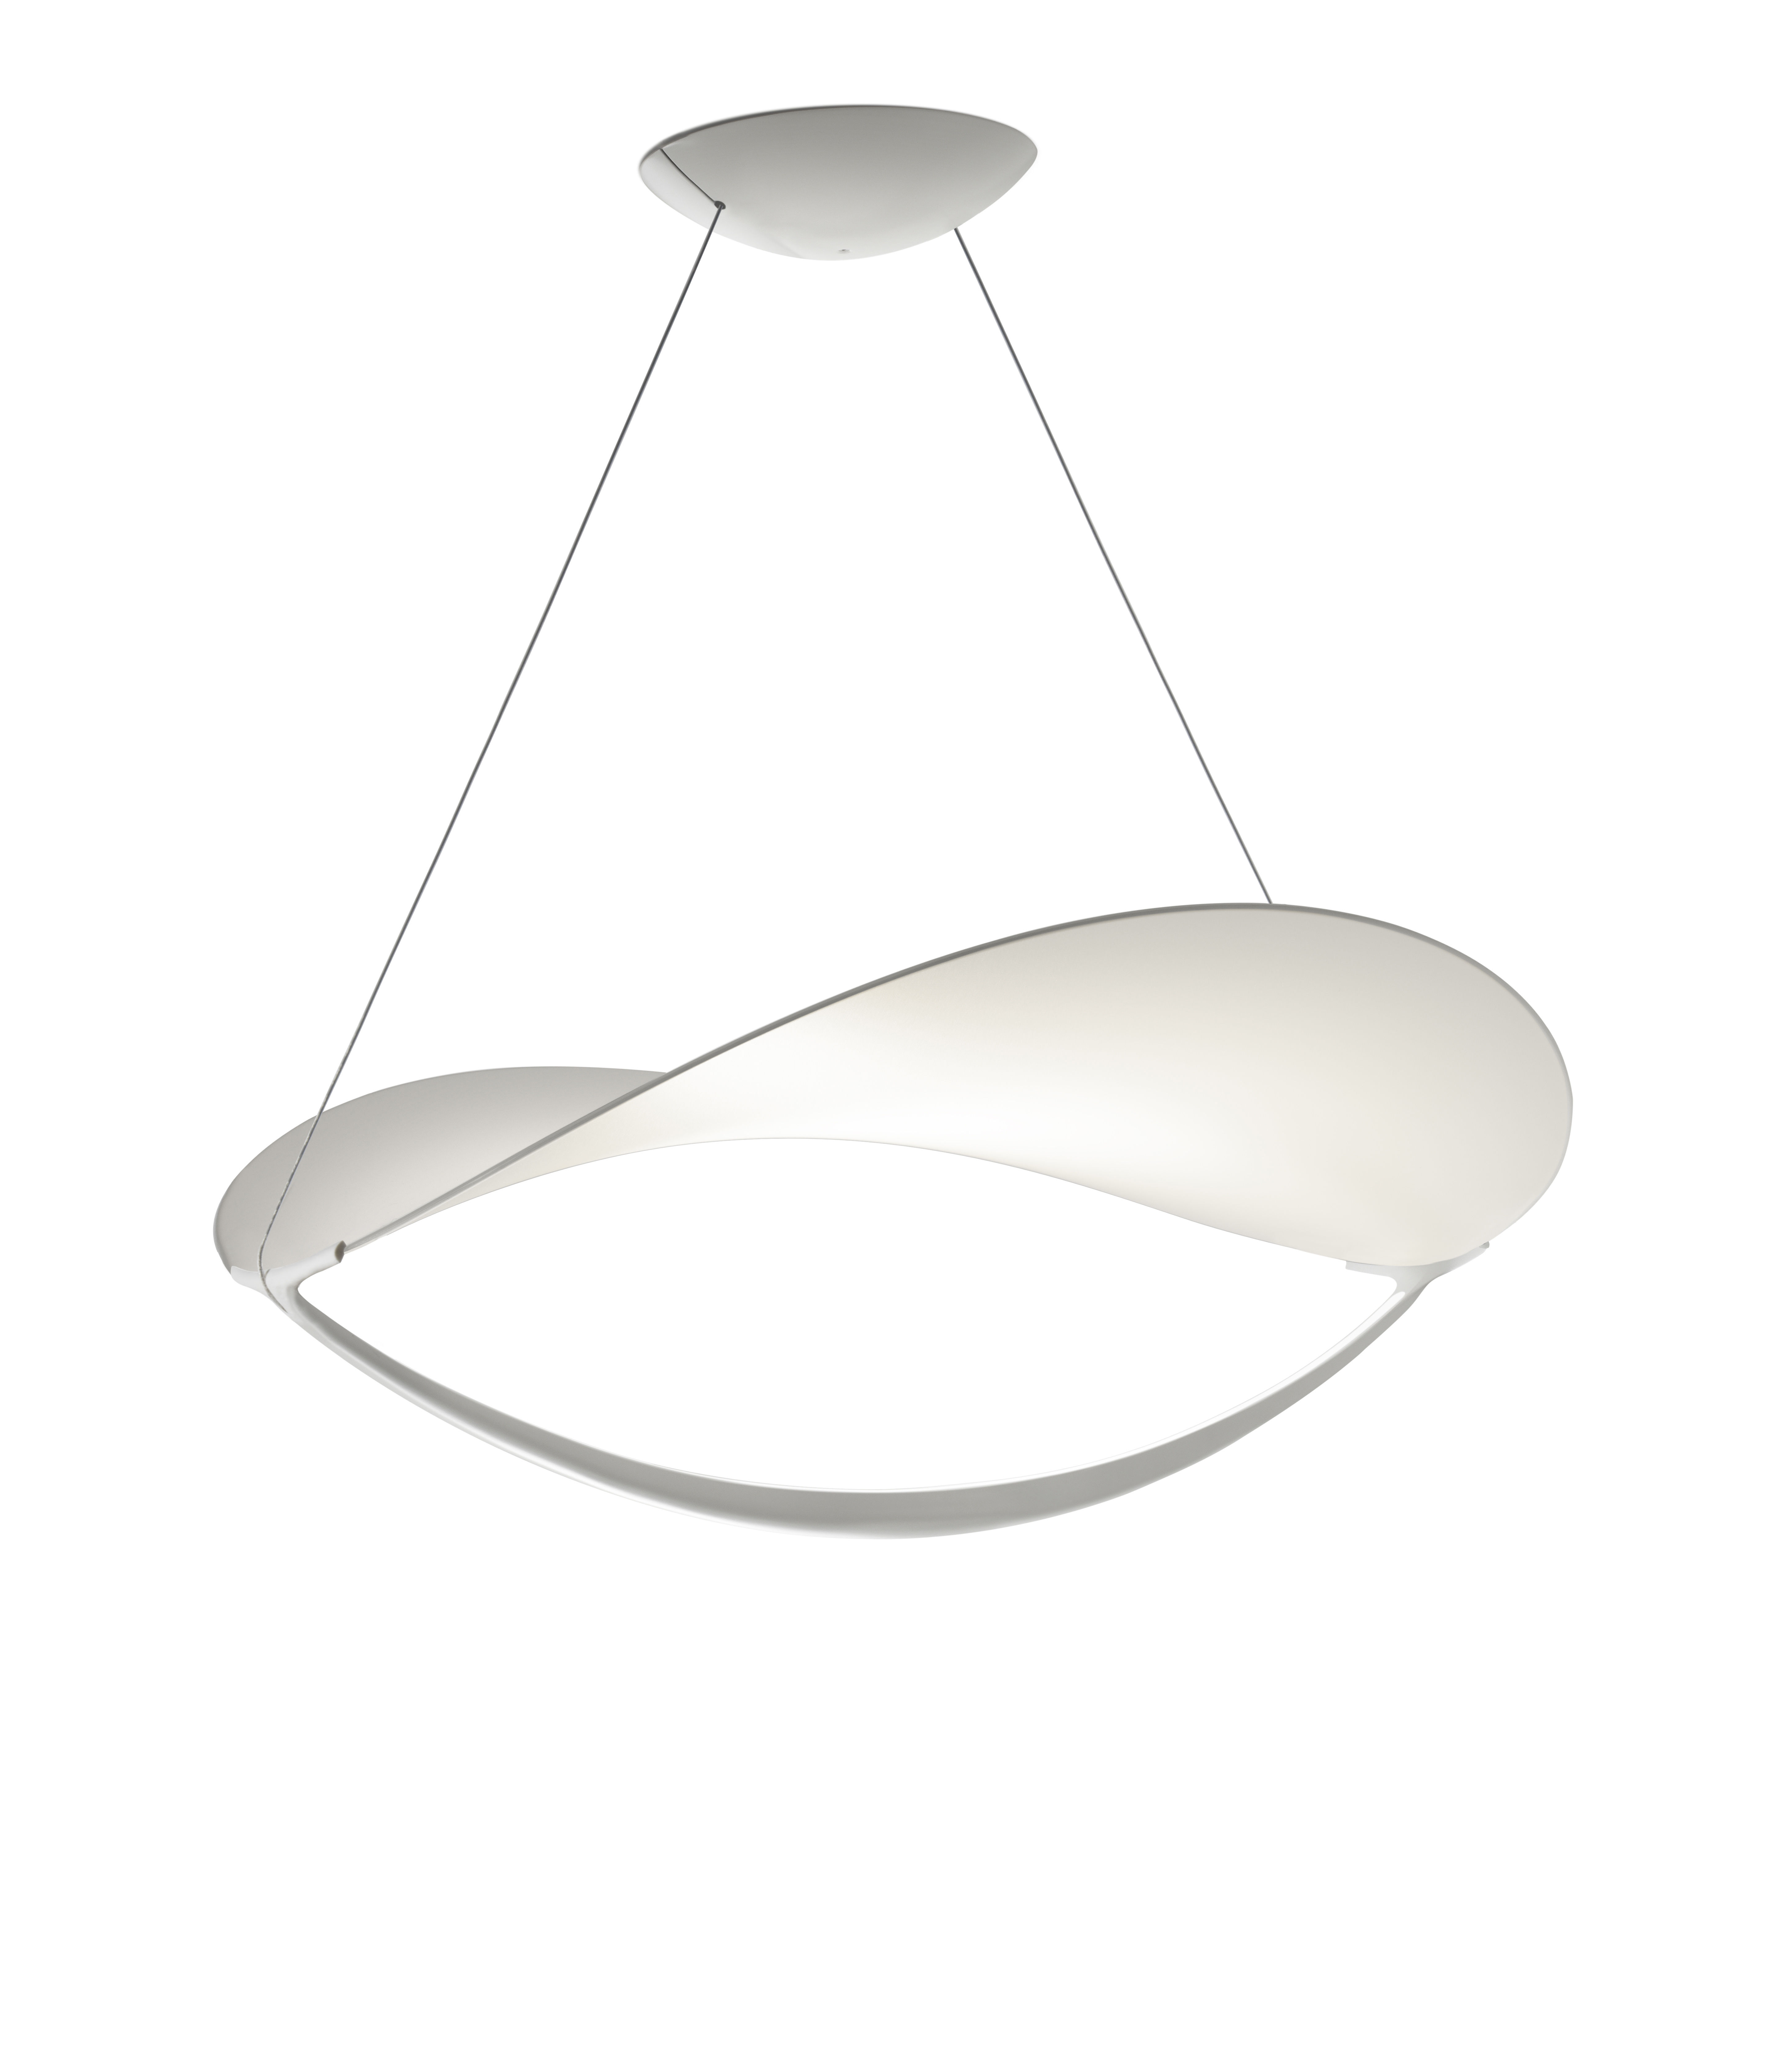 Illuminazione - Lampadari - Sospensione Plena LED - / Tessuto - Ø 70 cm di Foscarini - Bianco / Non dimmerabile - alluminio verniciato, Tela in PVC